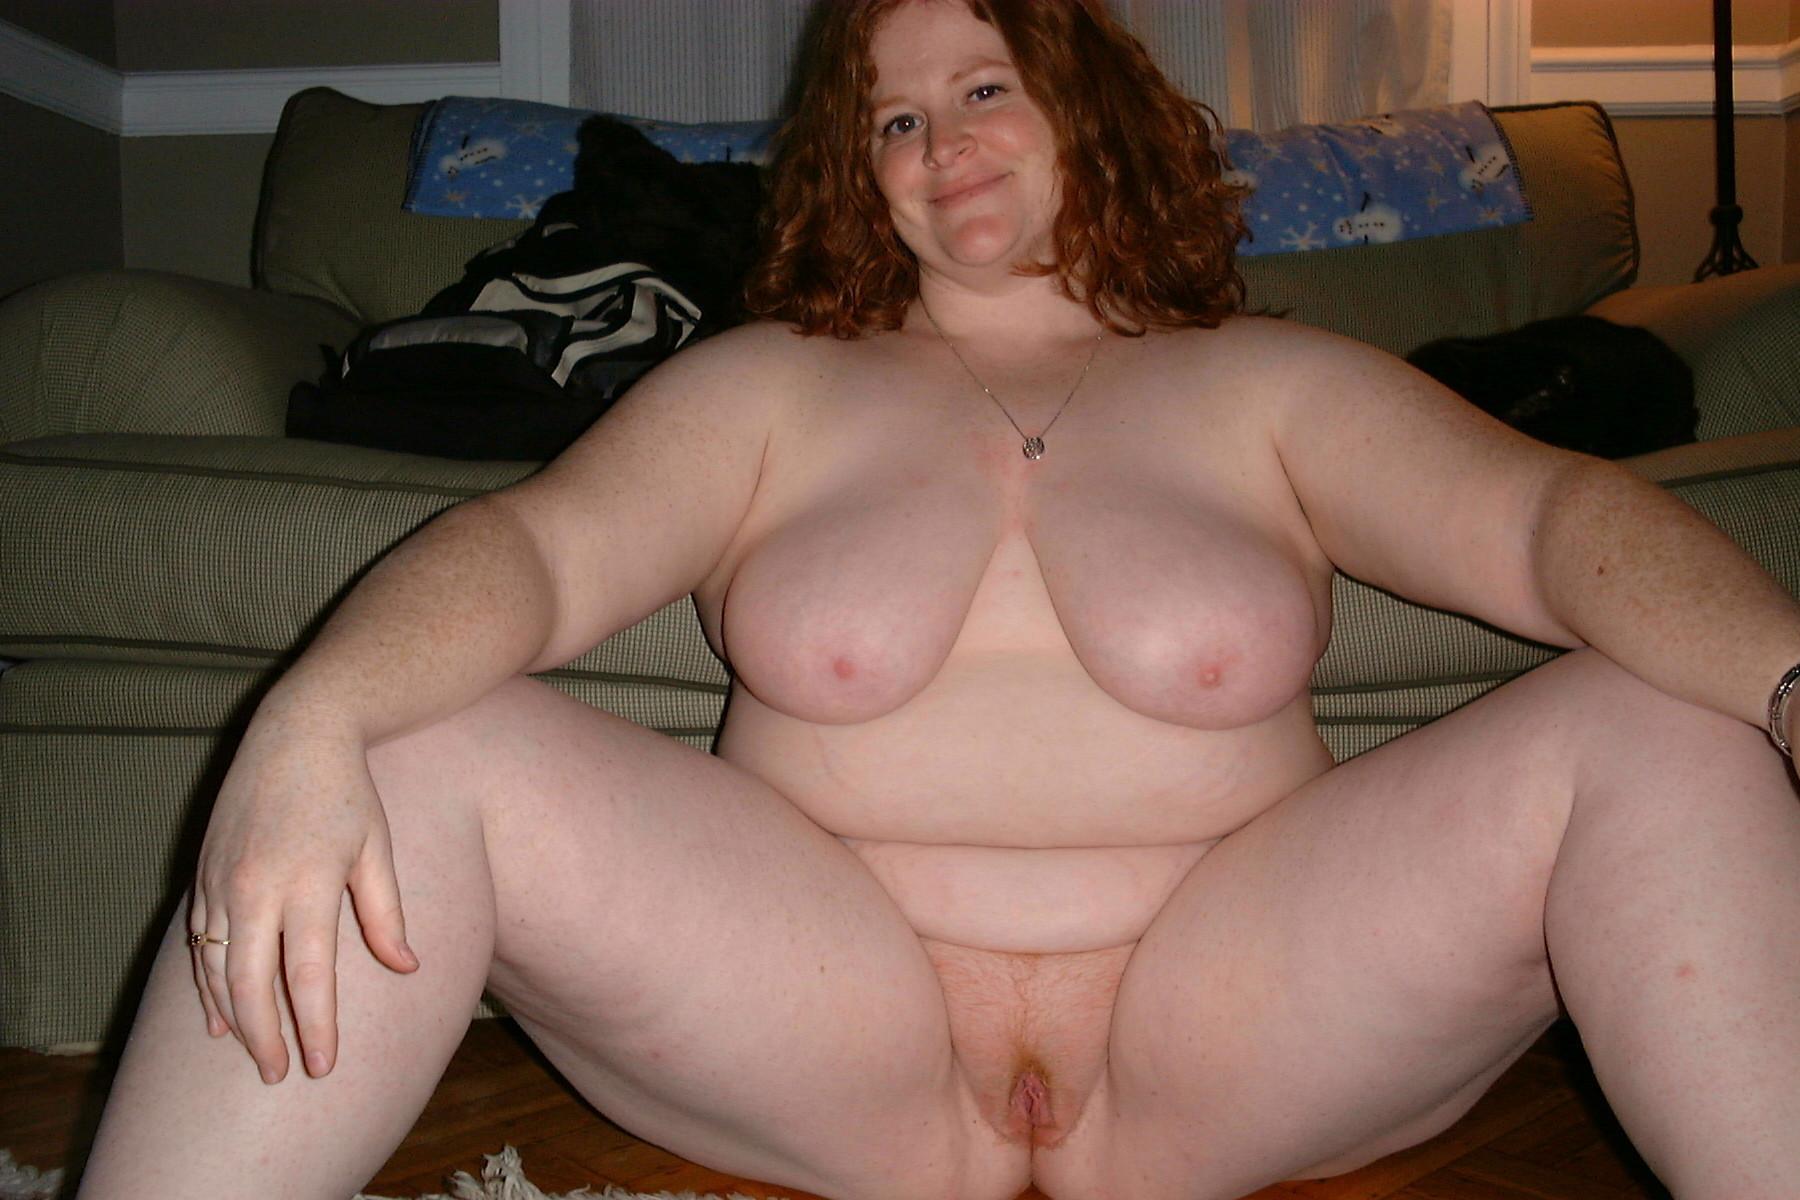 sasha gray nude